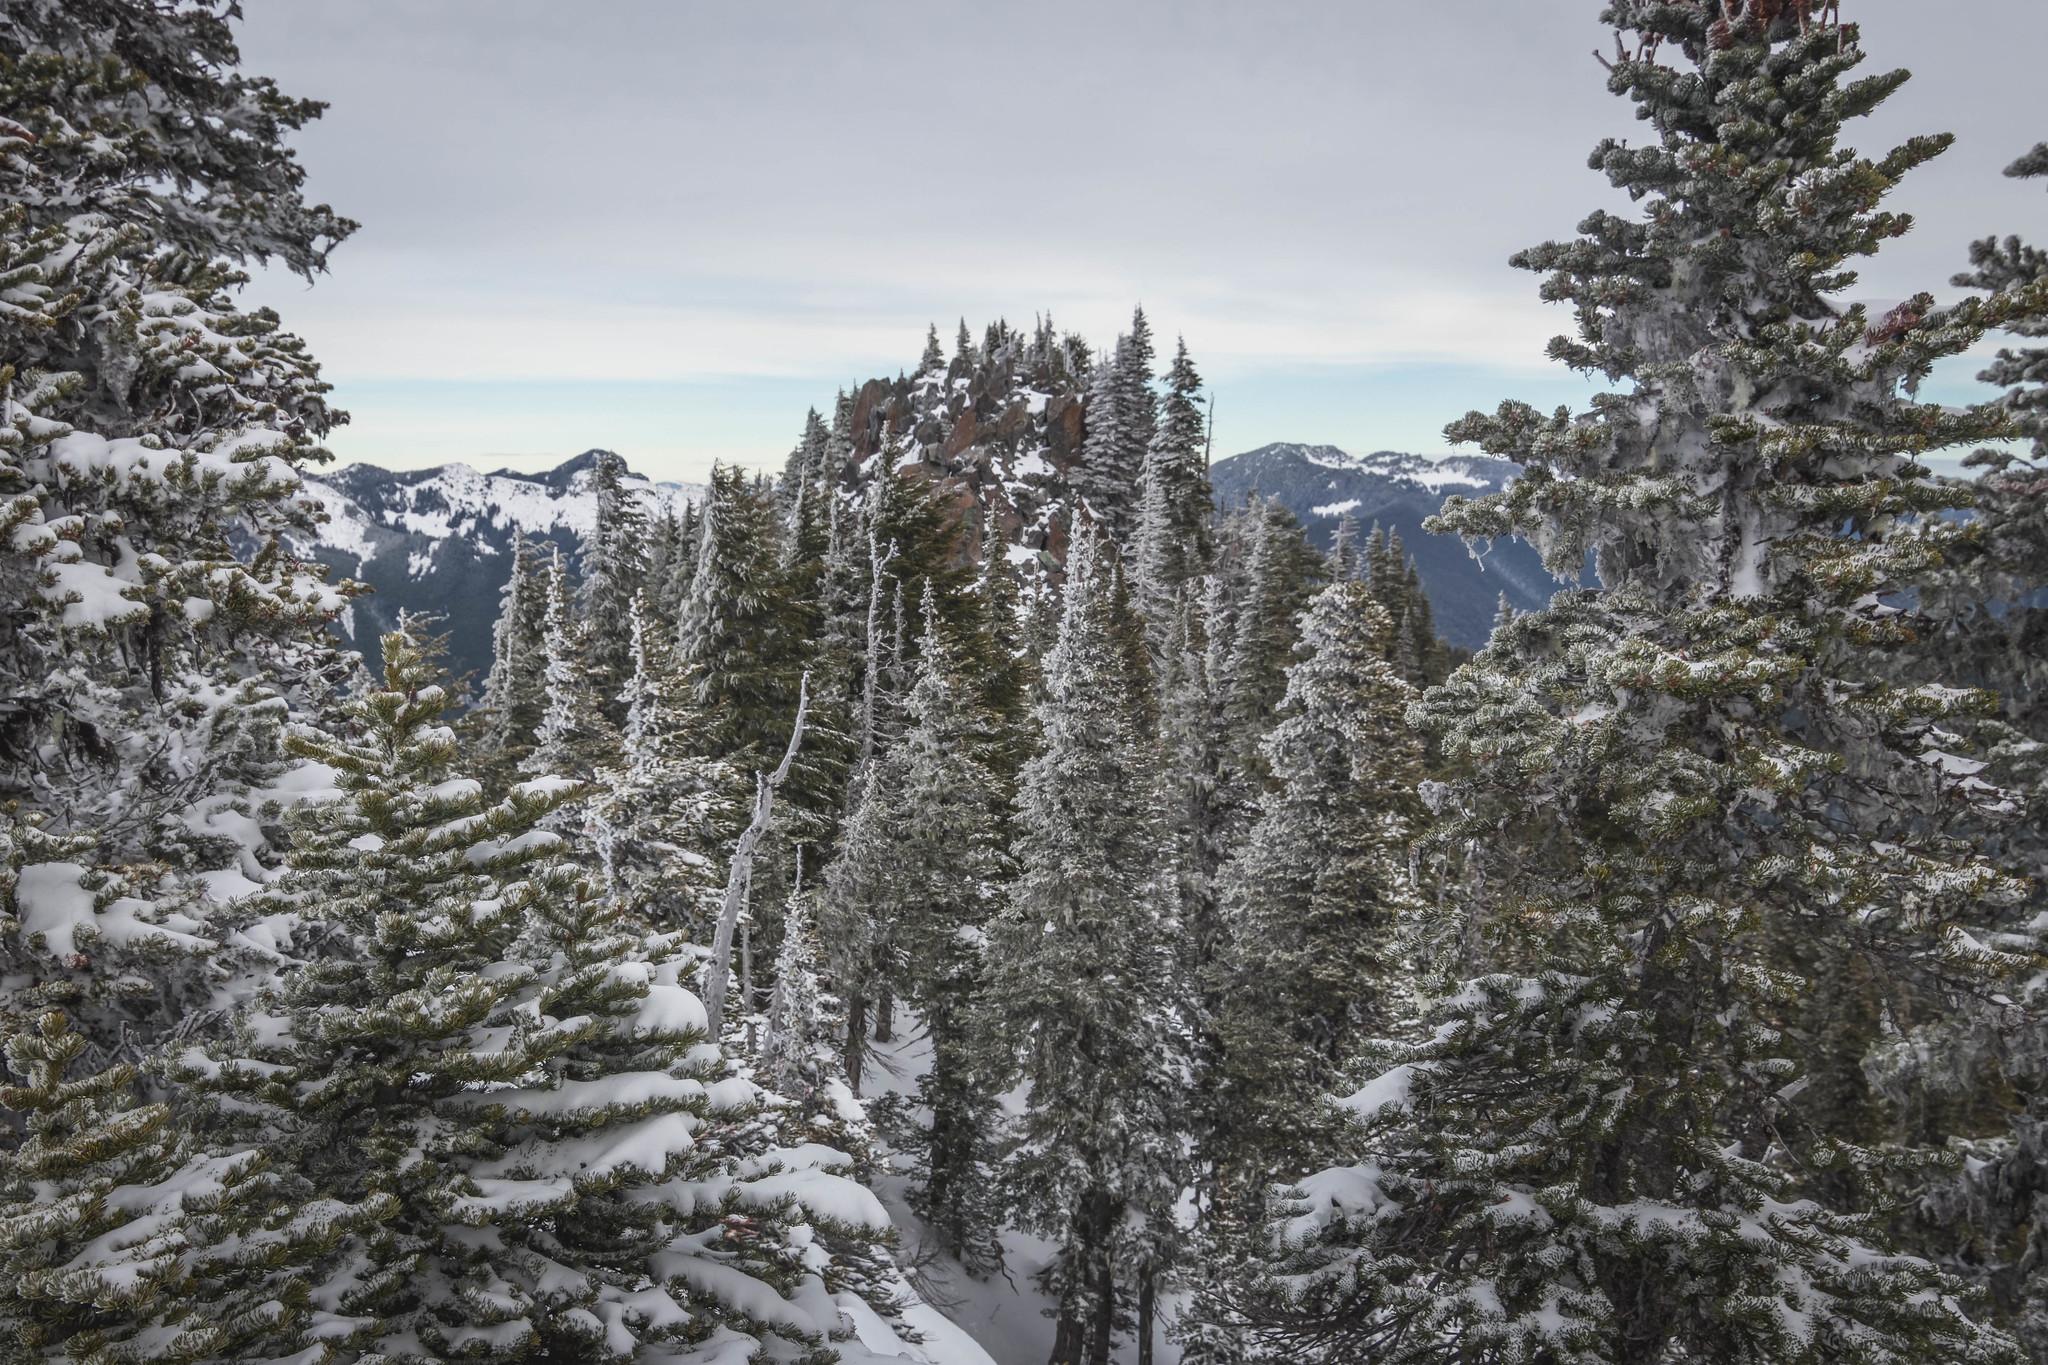 Florence Peak up ahead